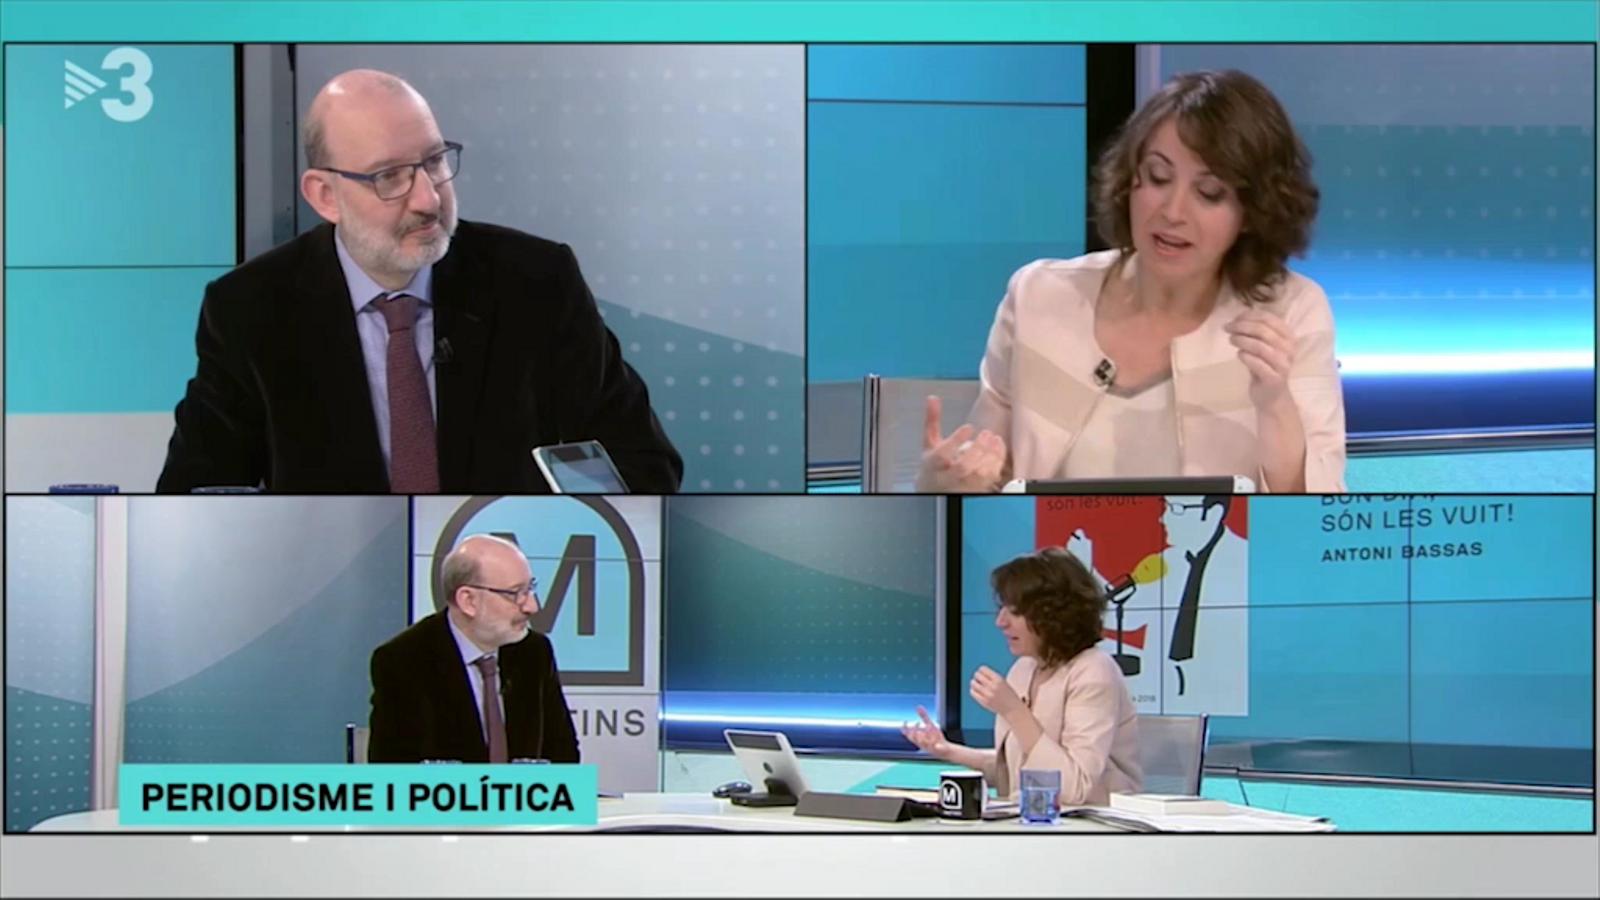 Lídia Heredia pregunta a Antoni Bassas sobre els mitjans públics